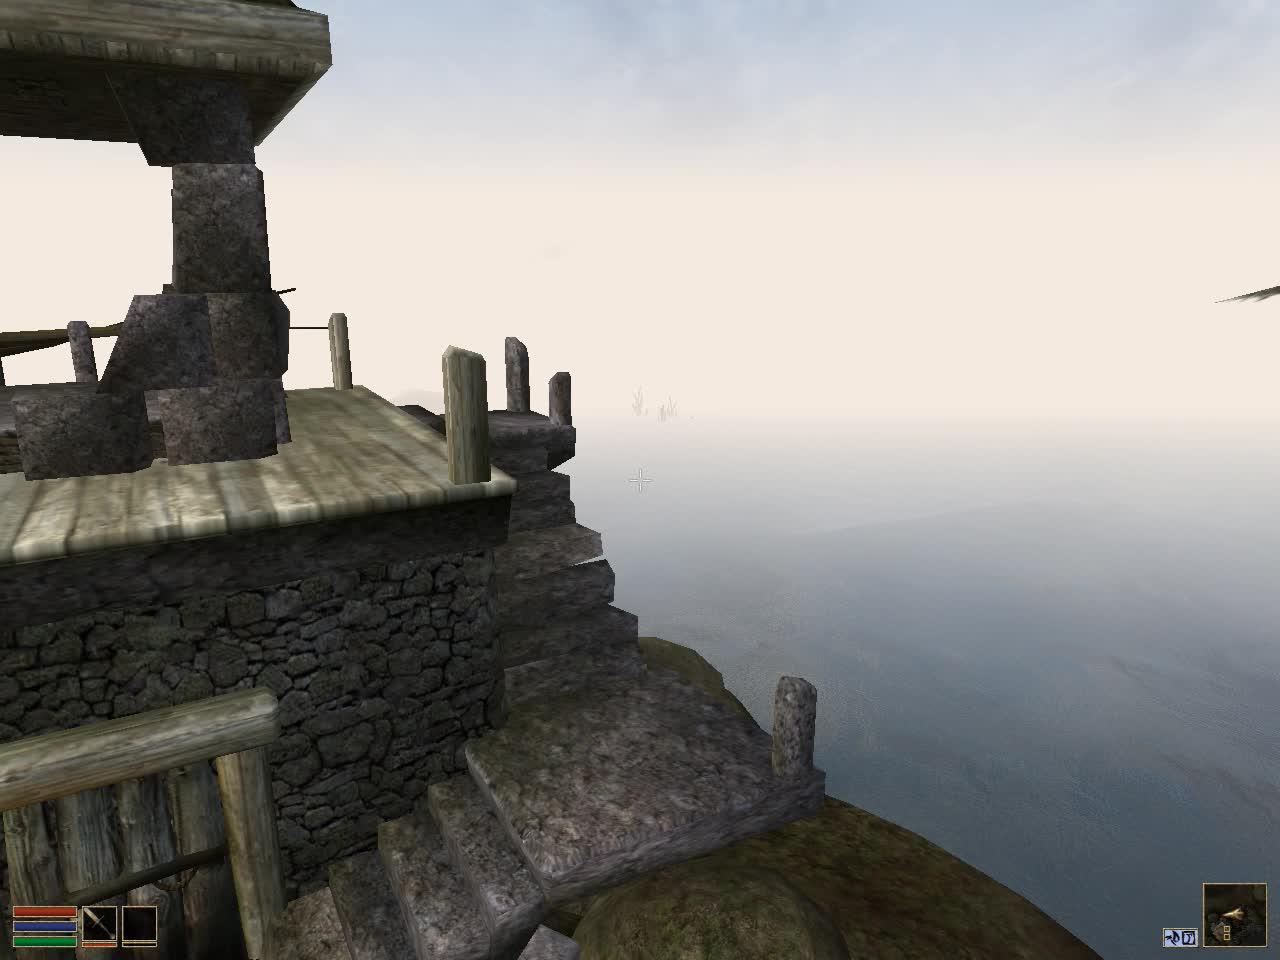 Elder Scrolls 3 Morrowind 12.20.2016 - 20.18.58.02 GIFs